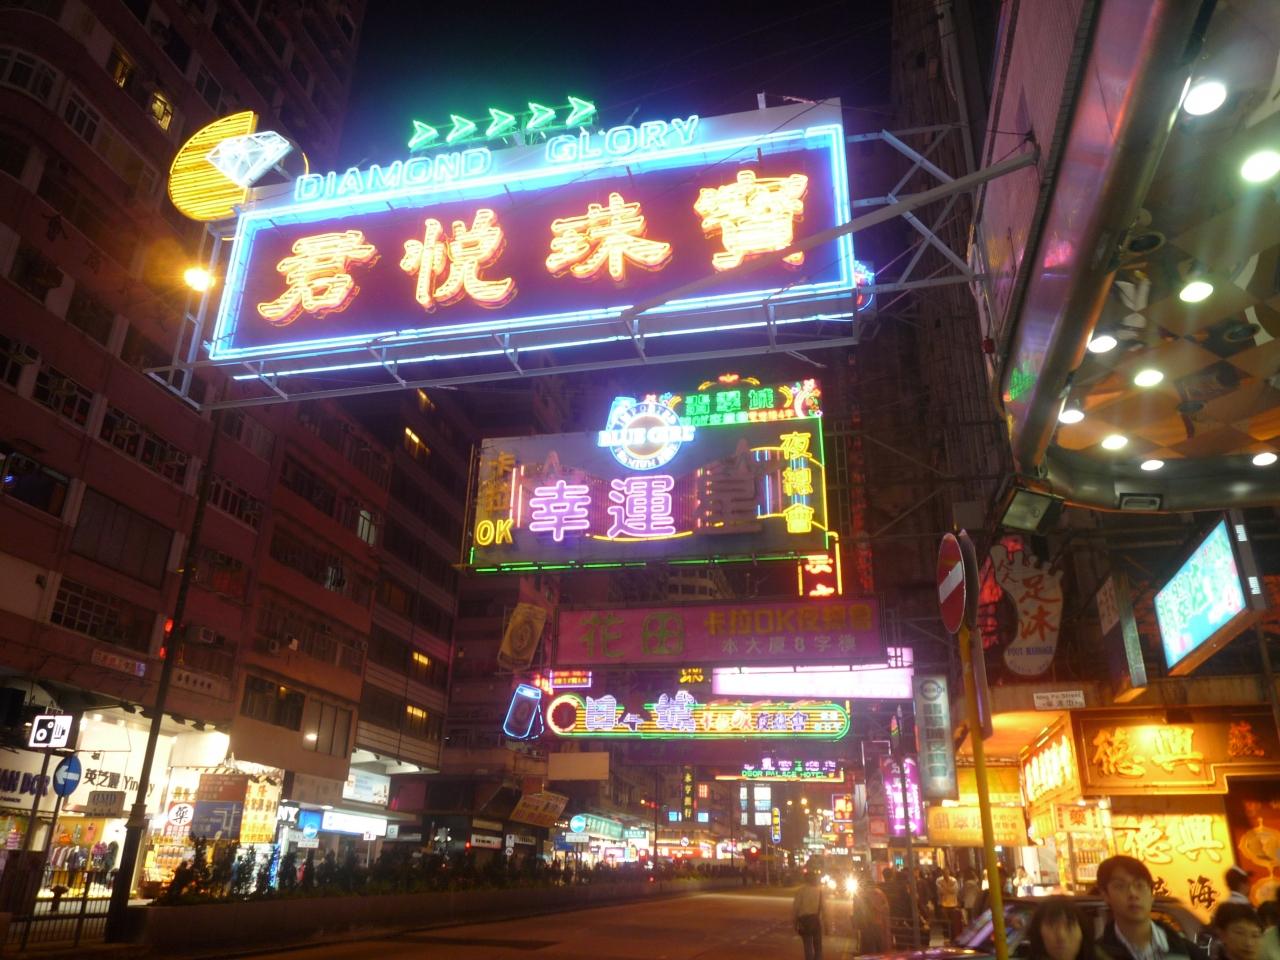 香港~年末のマカオ&香港ディズニーランド』香港(香港)の旅行記